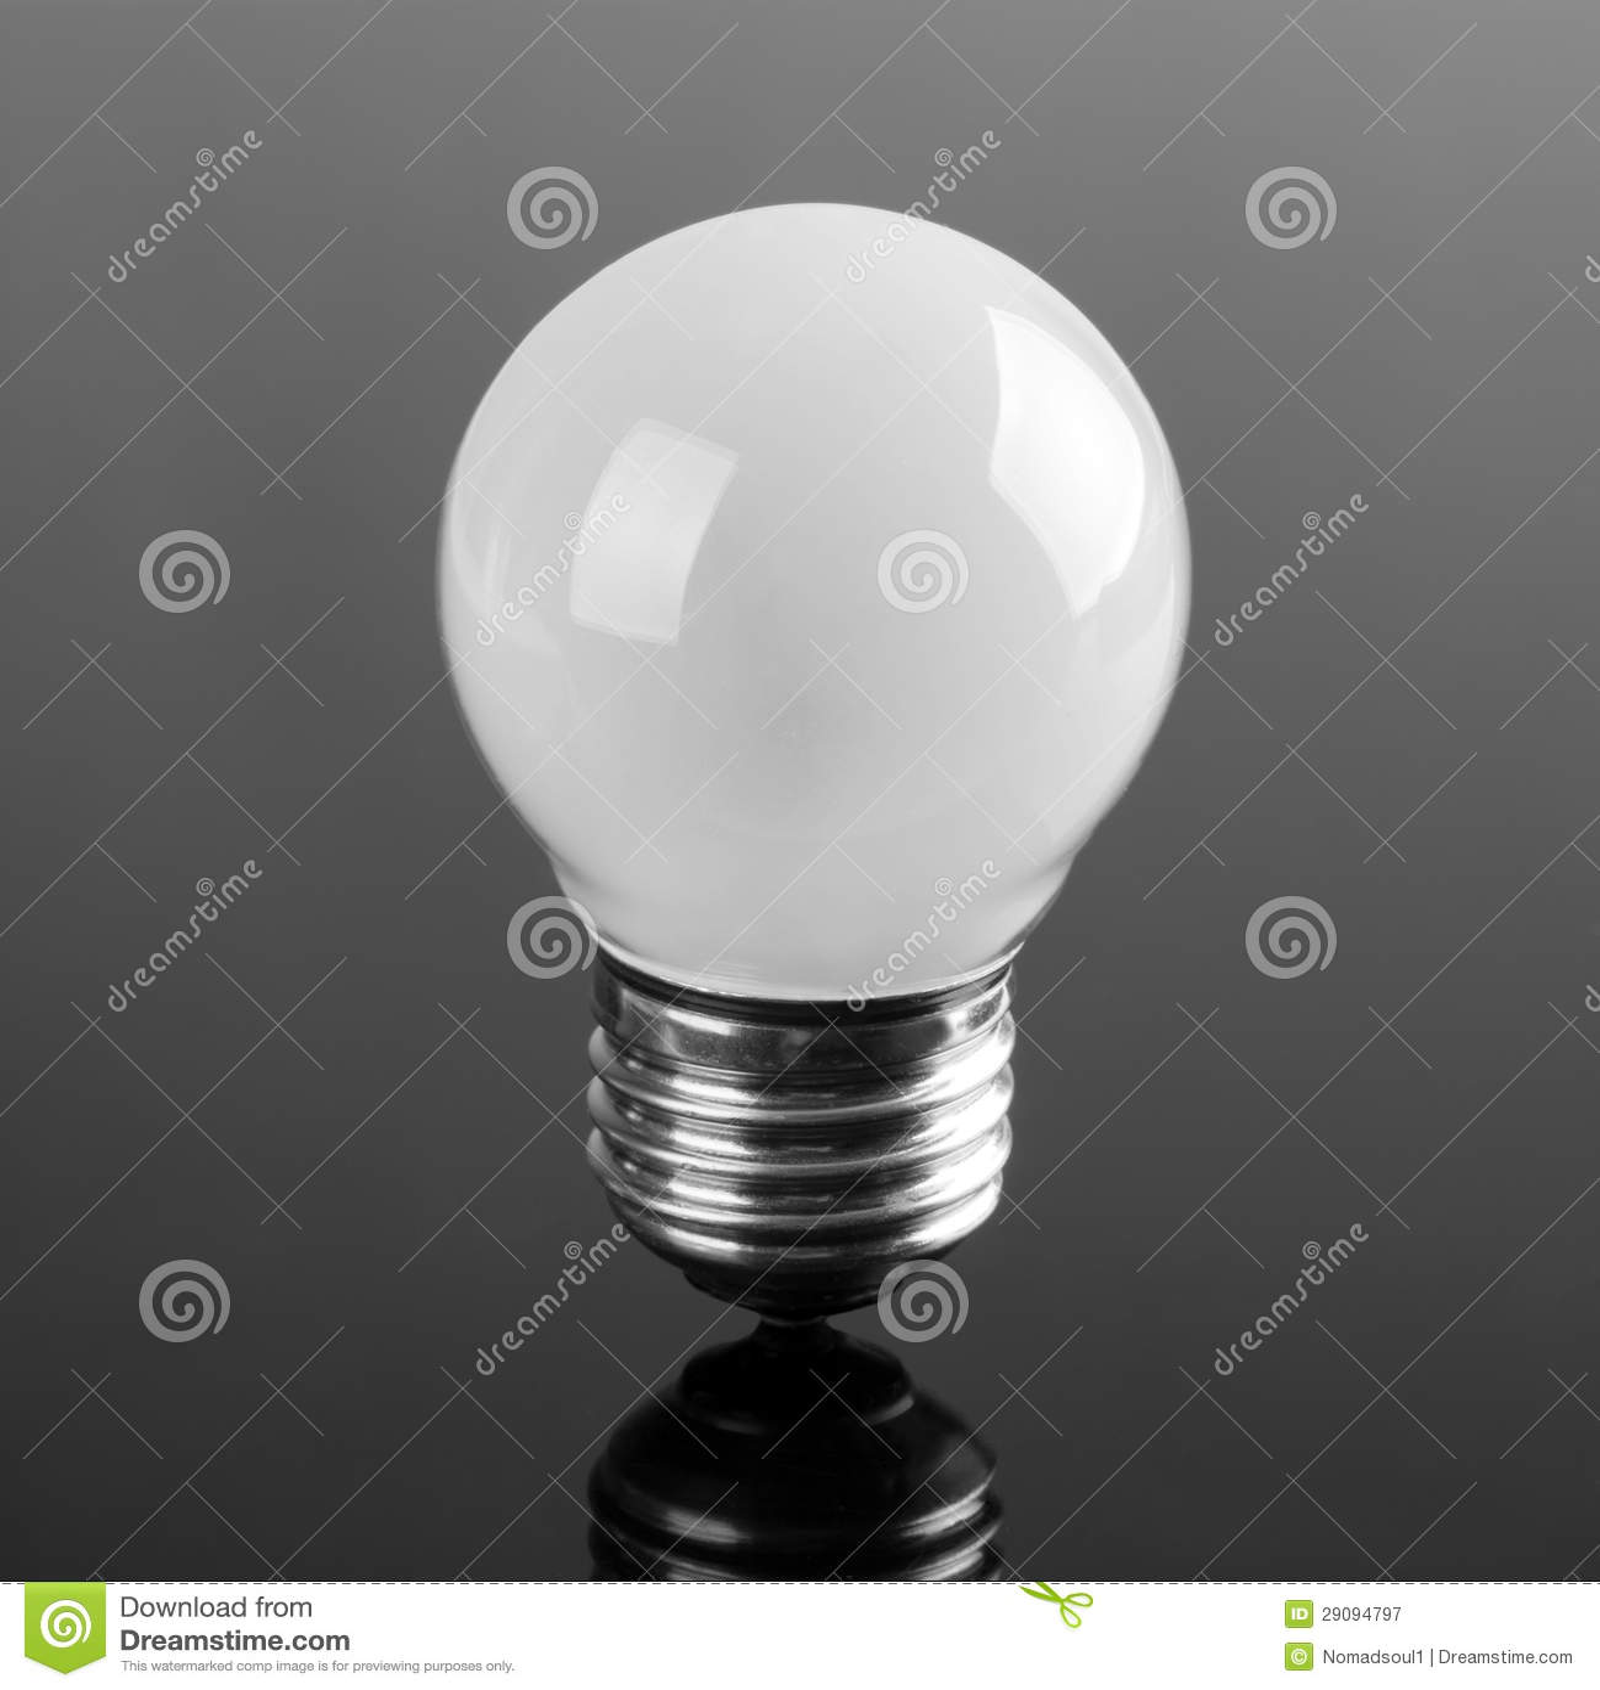 petite ampoule opaque photographie stock libre de droits. Black Bedroom Furniture Sets. Home Design Ideas